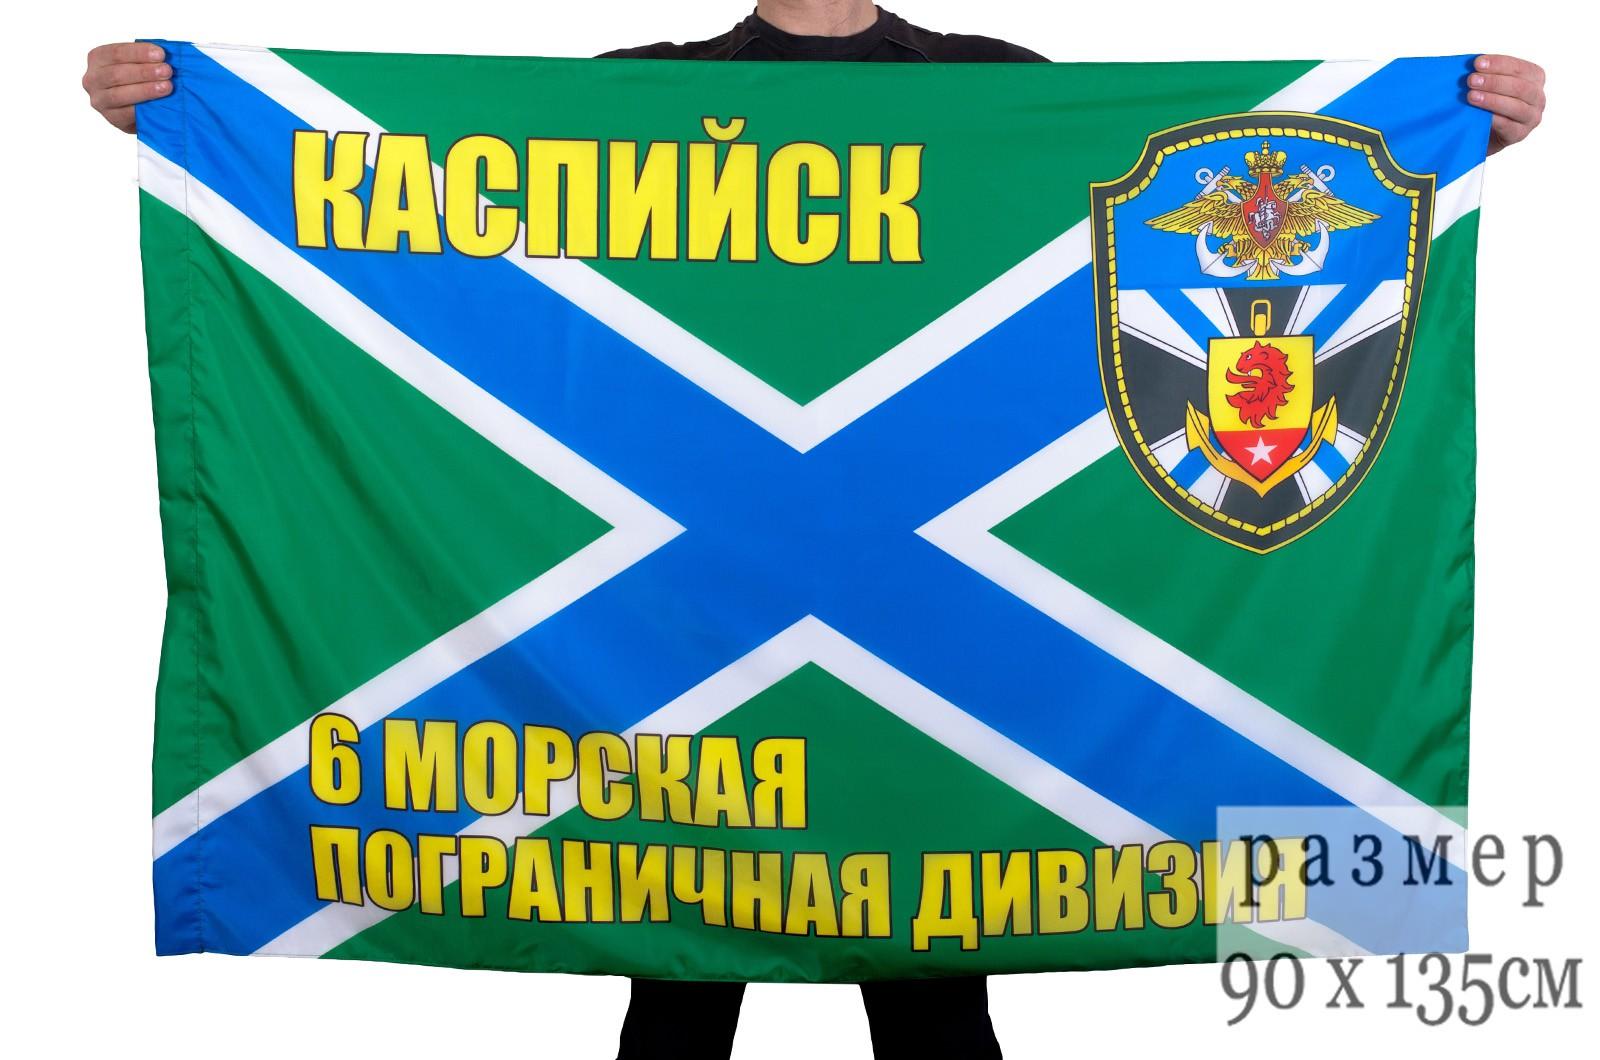 Флаги 6-й морской пограничной дивизии Каспийск